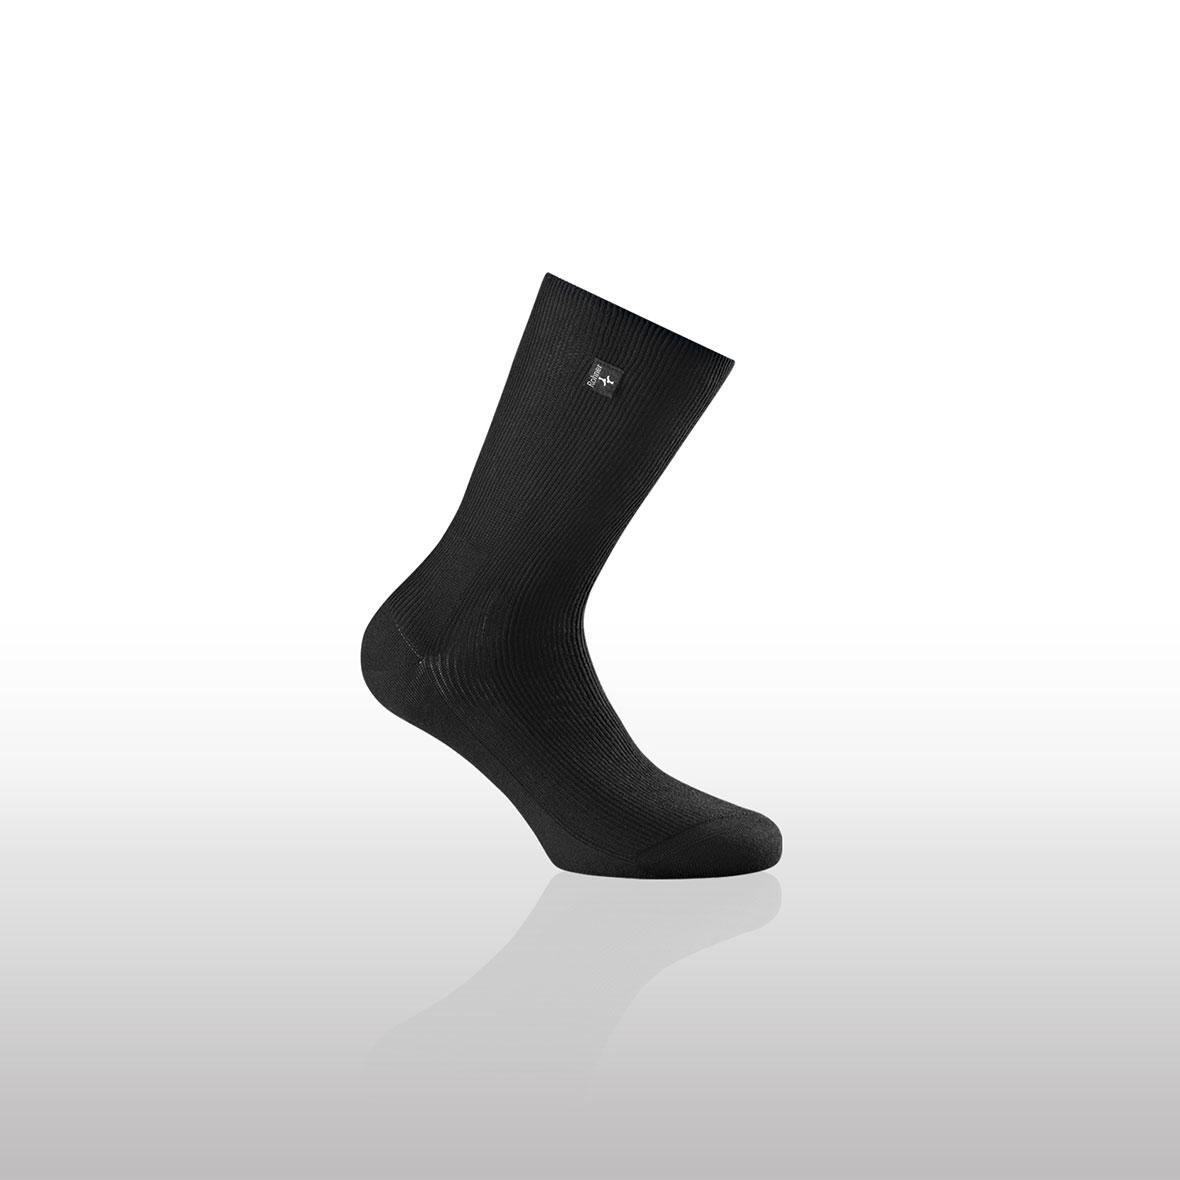 Socken SuperR von Rohner, schwarz